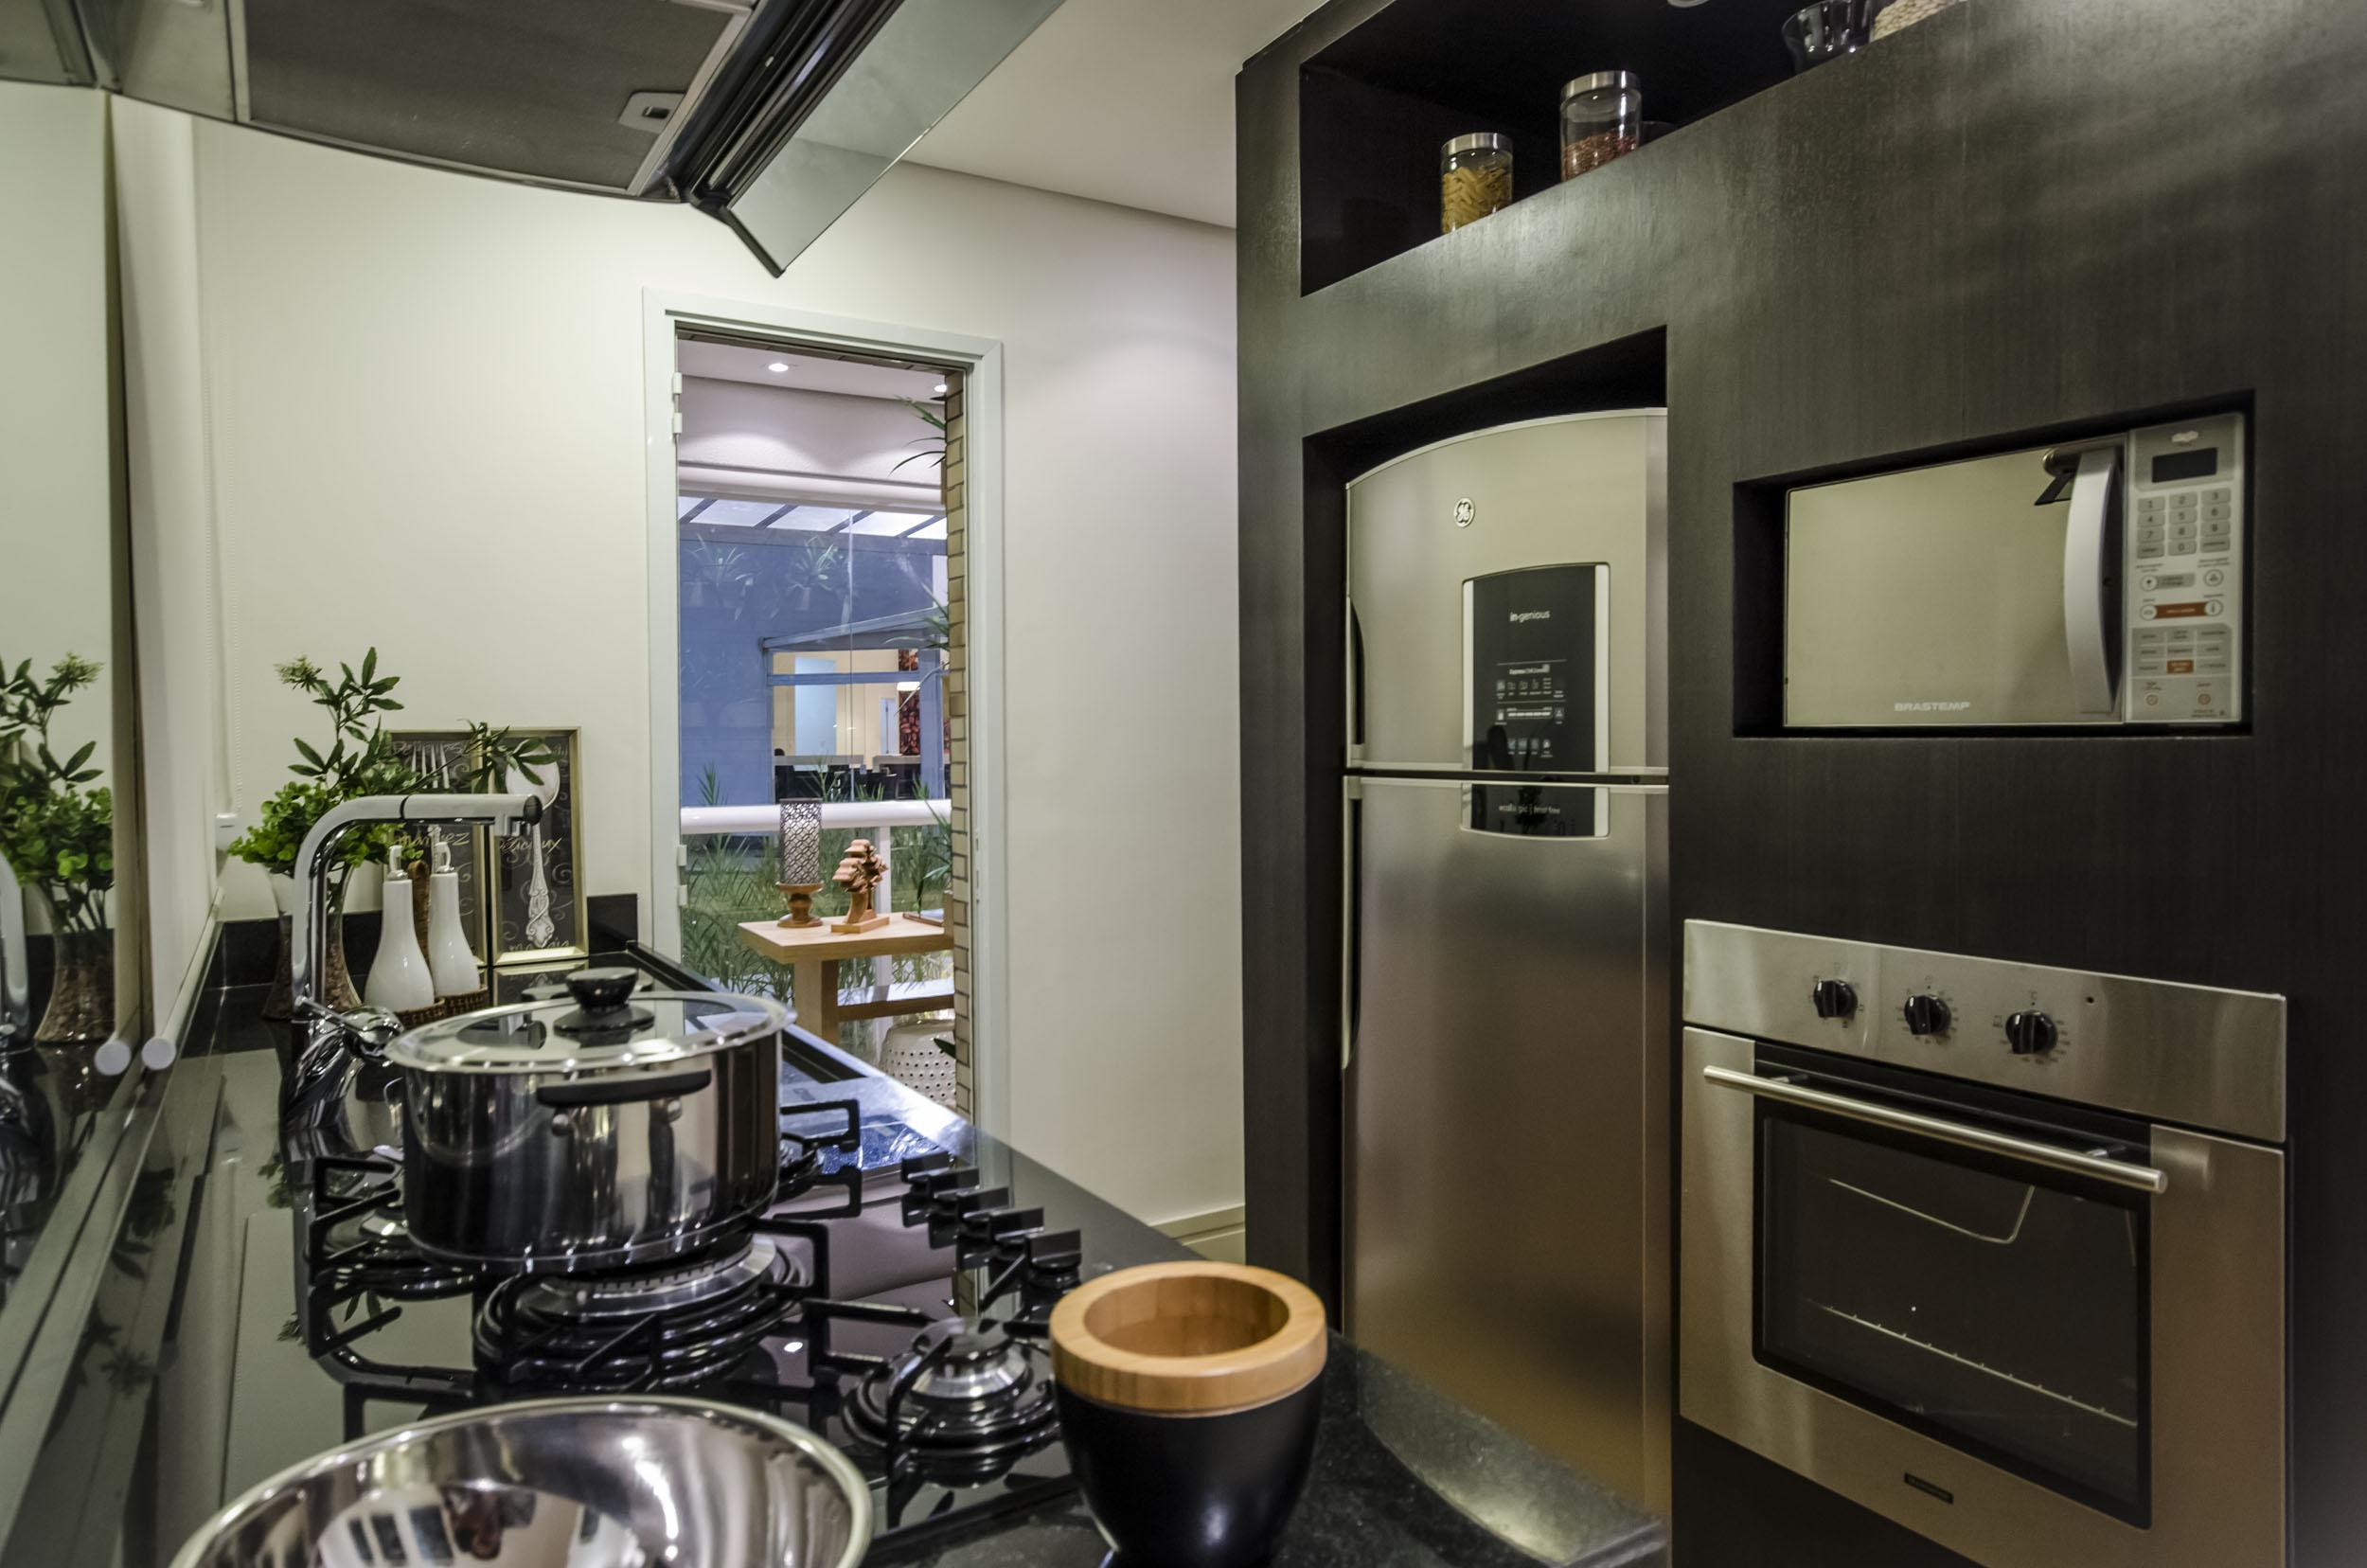 #5B4E35 notícia boa é que hoje muitas marcas investem no design dos  2500x1656 px Cozinha Renovação Idéias De Design_1069 Imagens